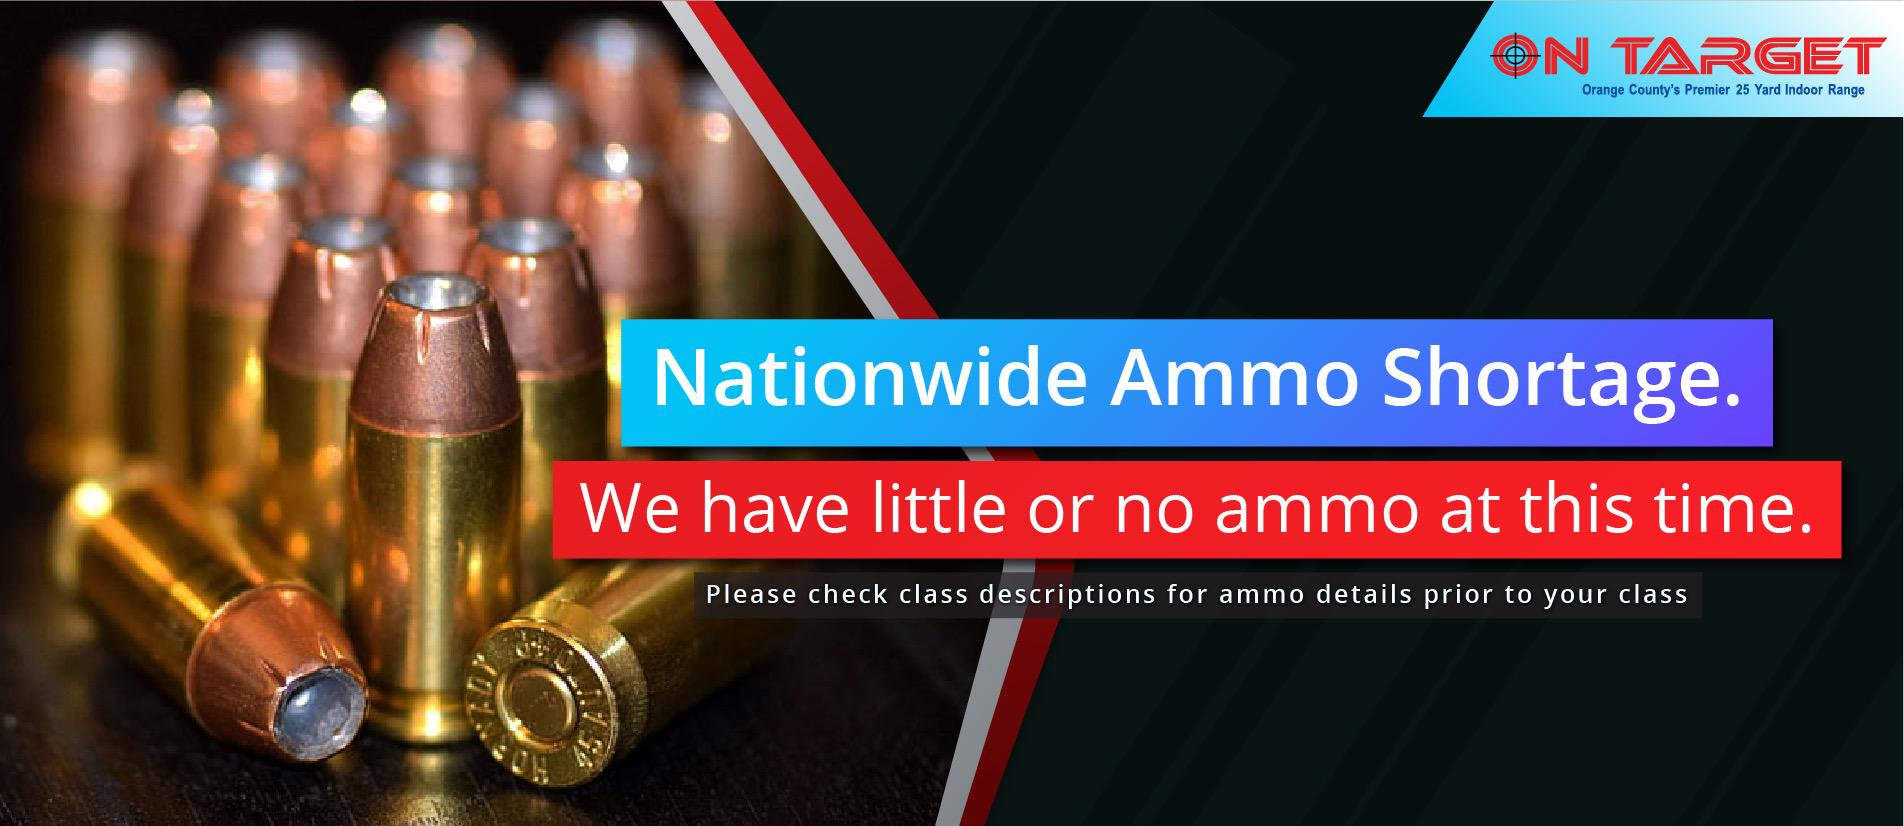 Nationwide Ammo Shortage